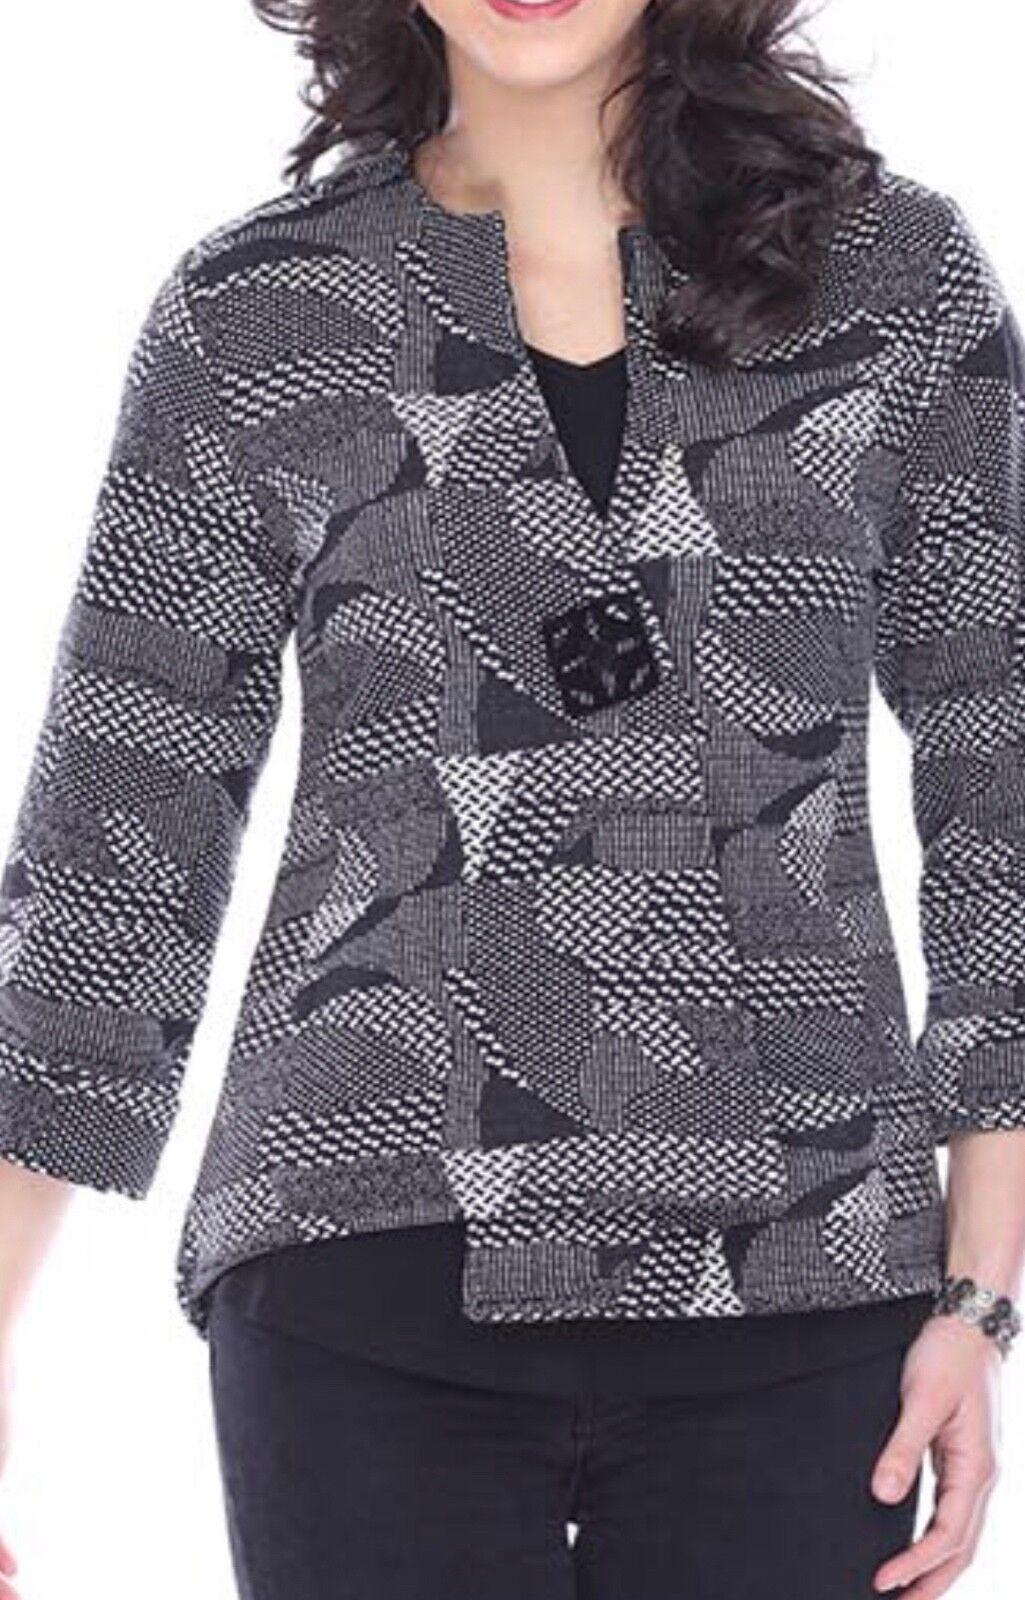 NUEVO Blazer de chaqueta elegante de perejil y Sage Plus Hazel Chaqueta con botones de fantasía Otoño Invierno 3X negro